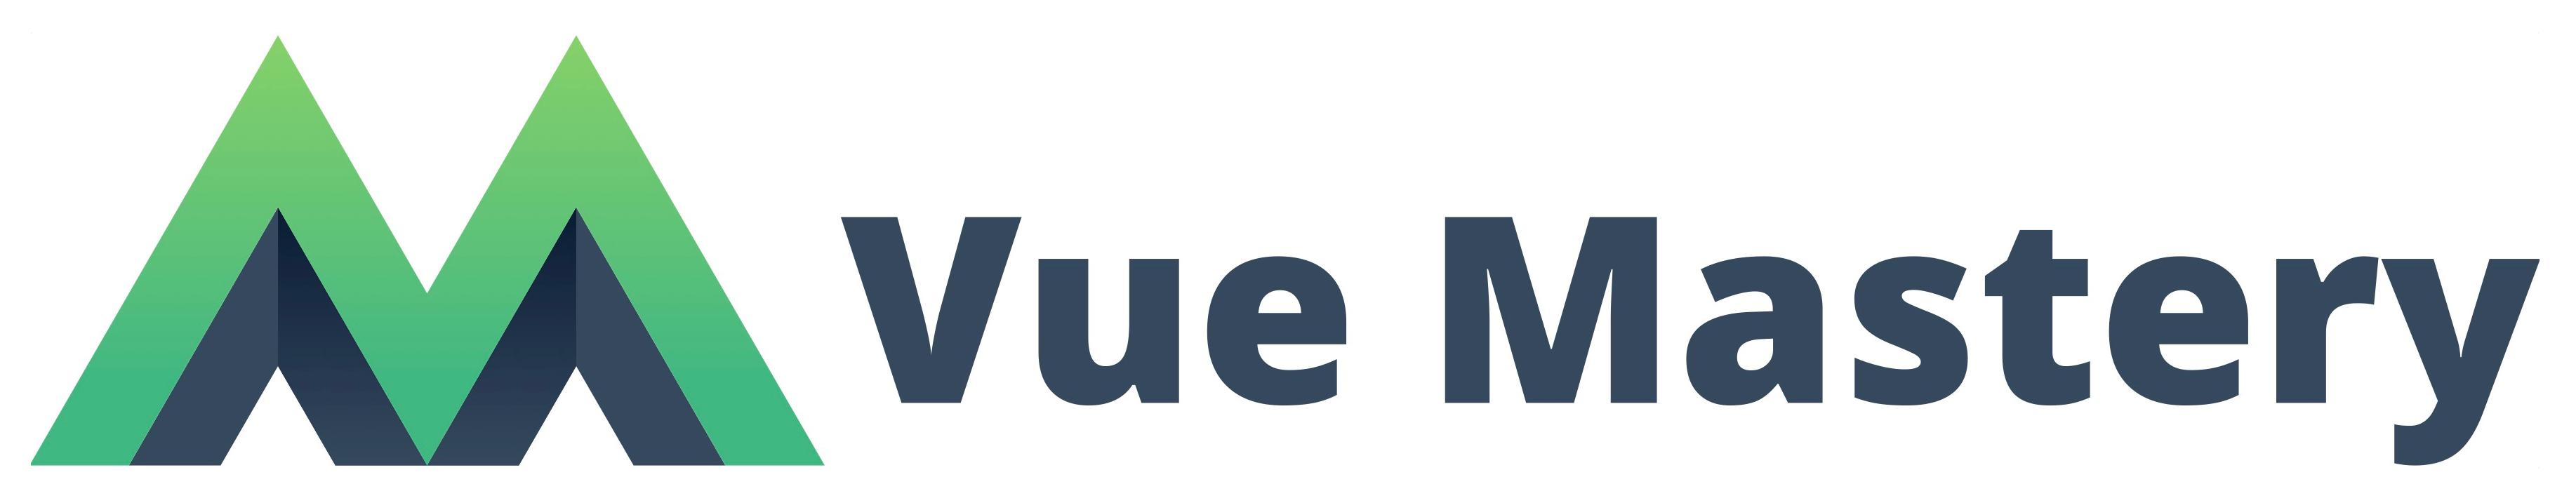 Vue Mastery logo